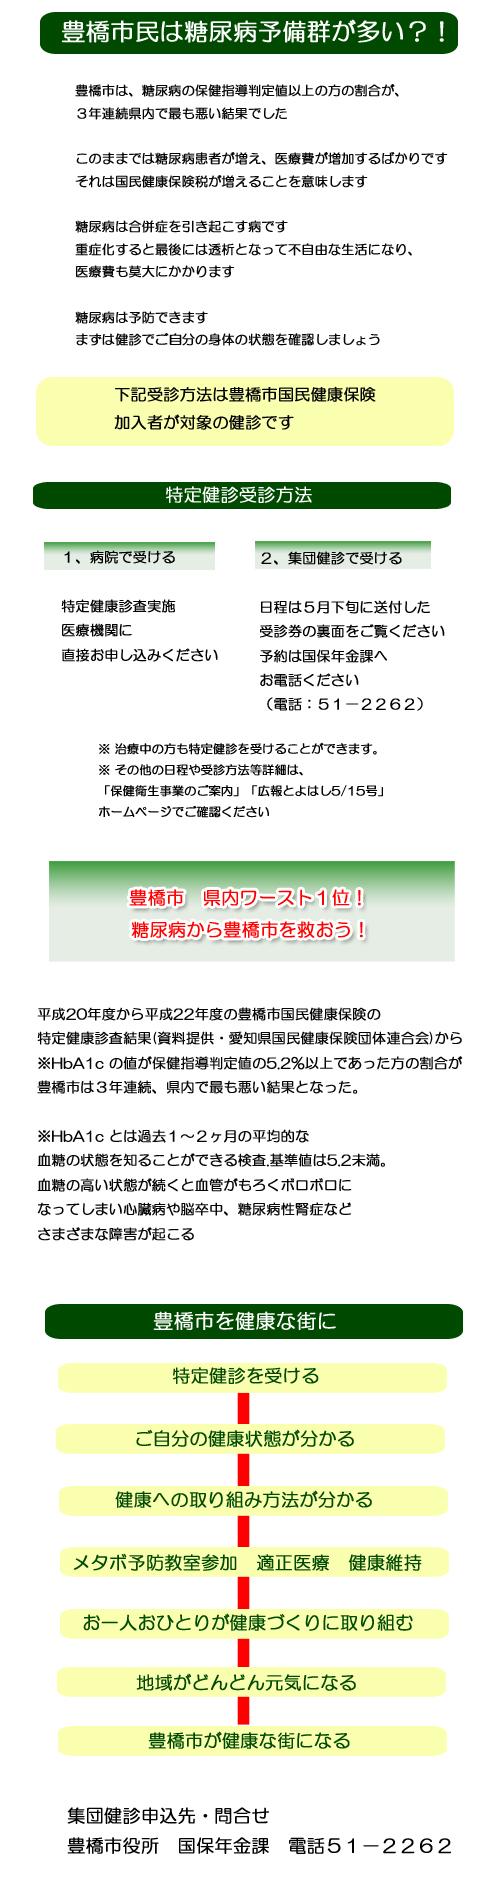 tokutei-kensin2012